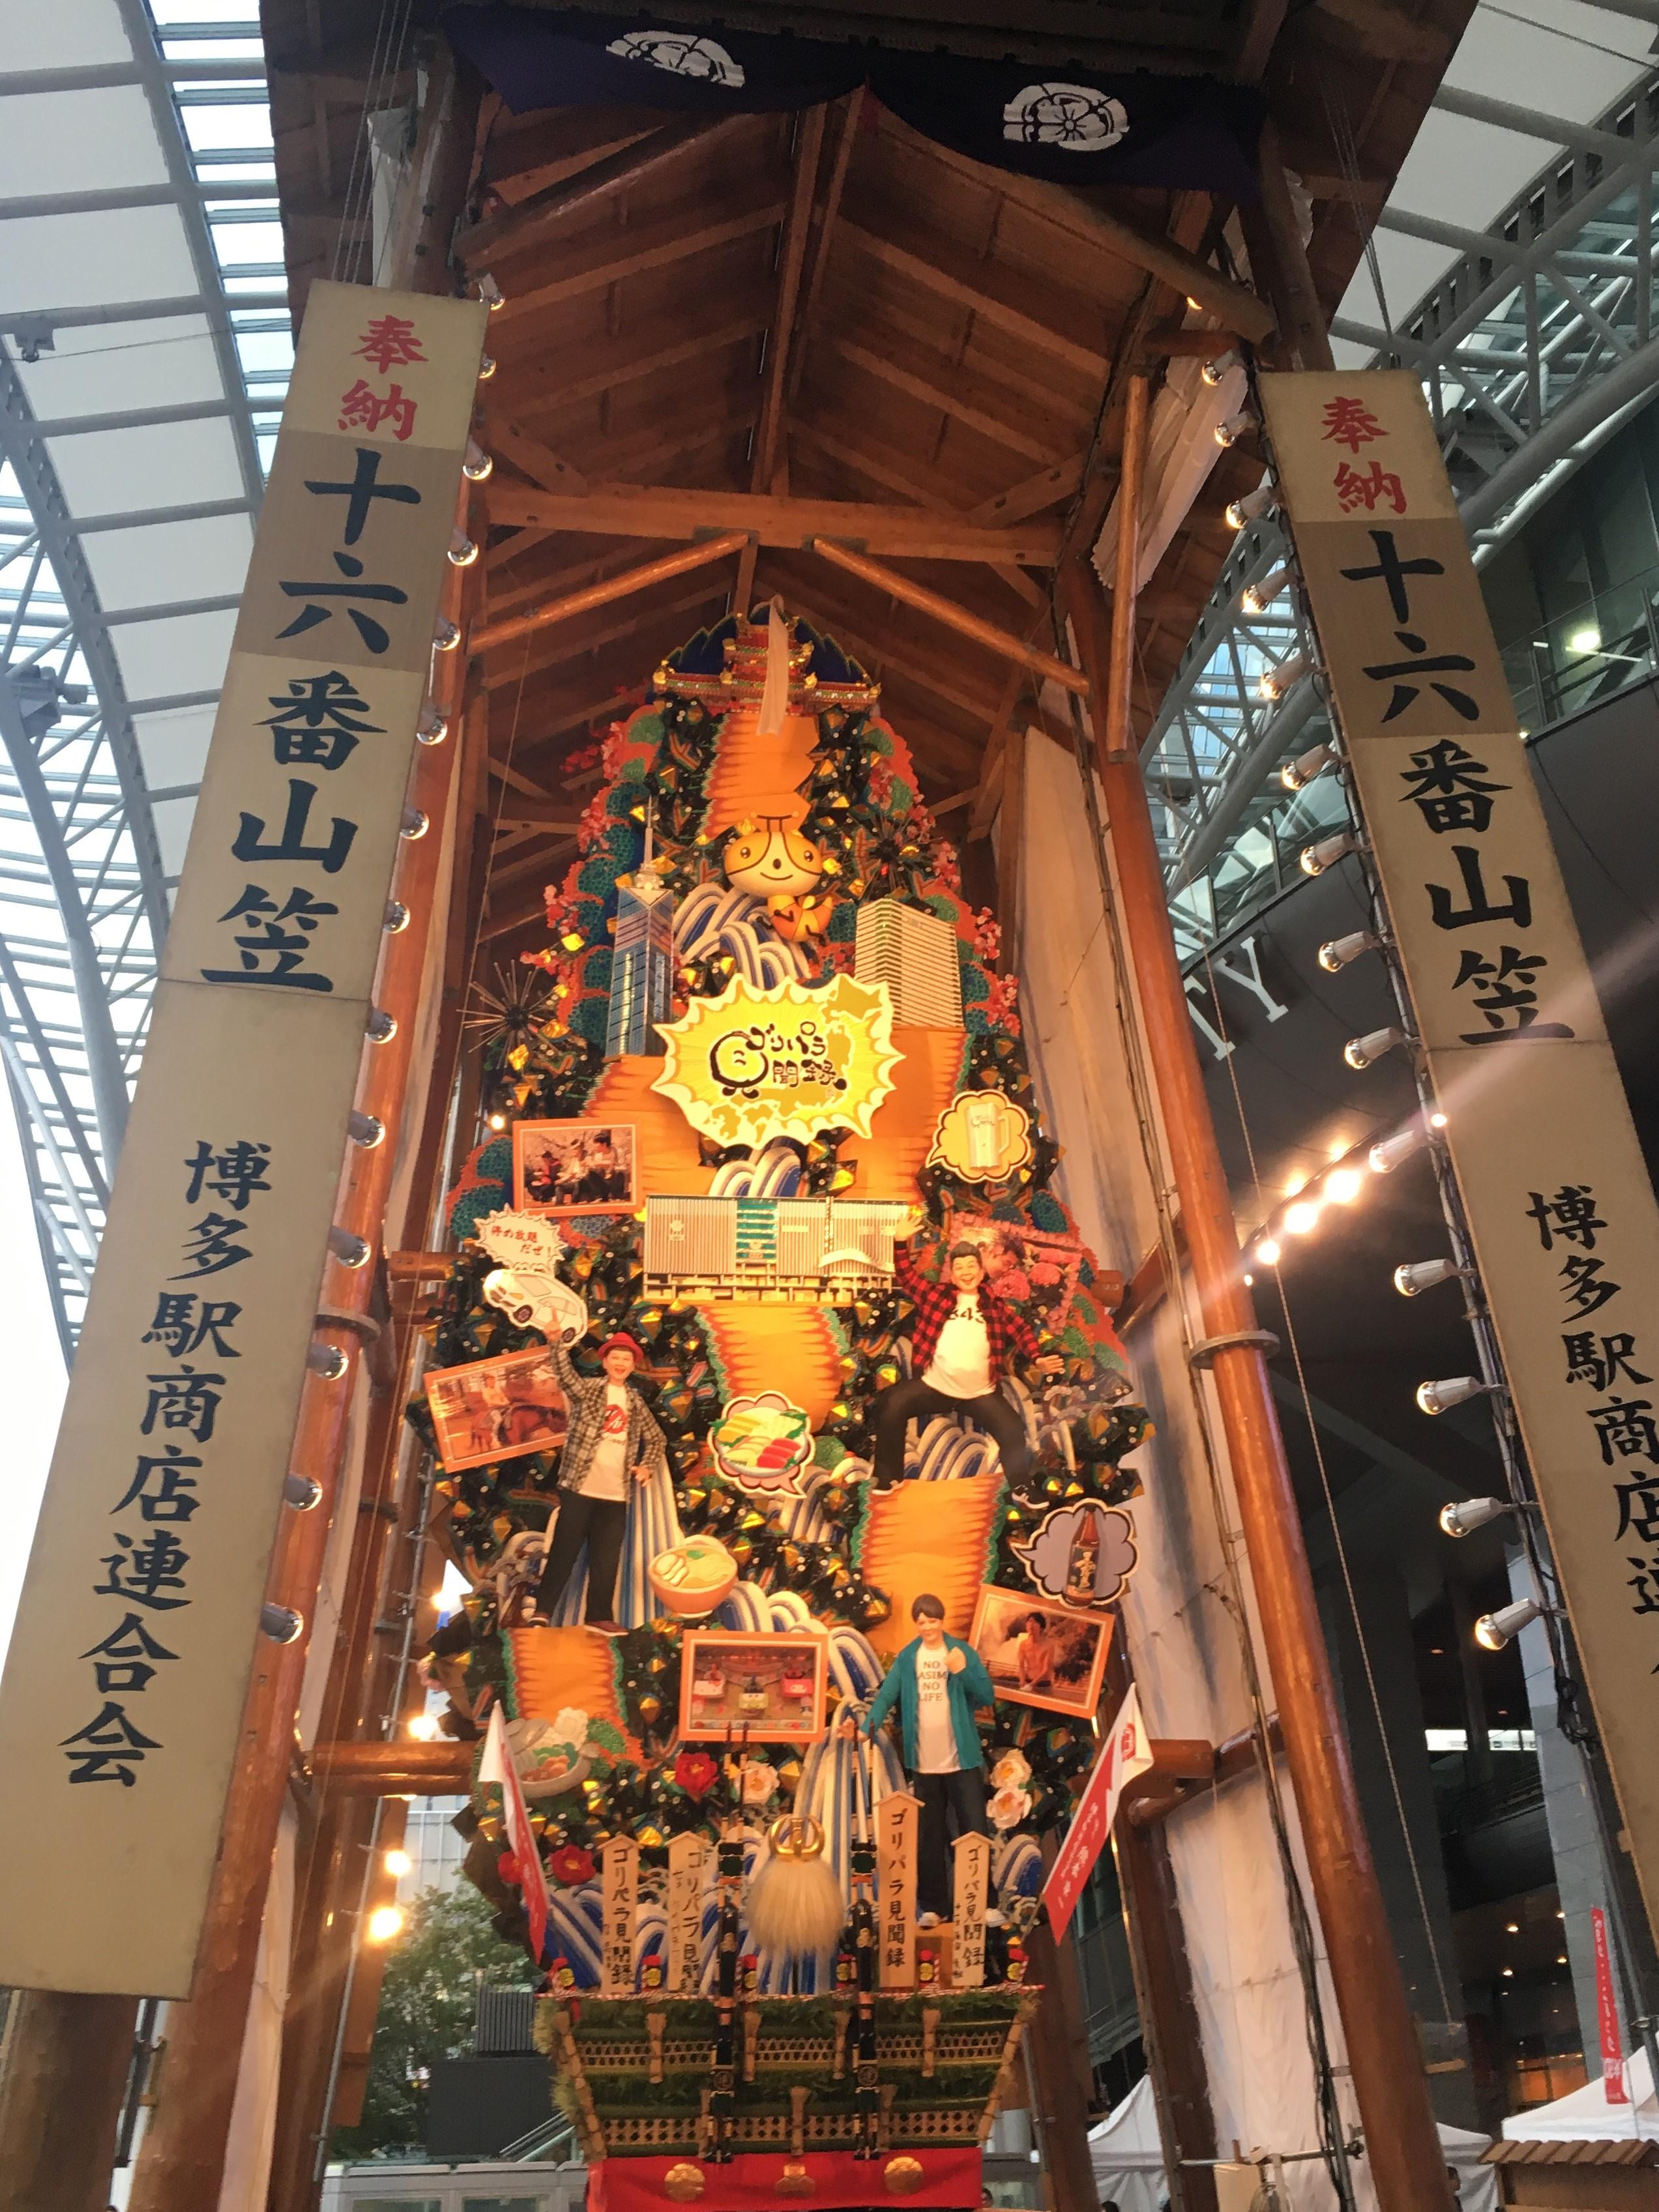 舁き山笠と飾り山笠!7月1日~15日間開催の博多祇園山笠!